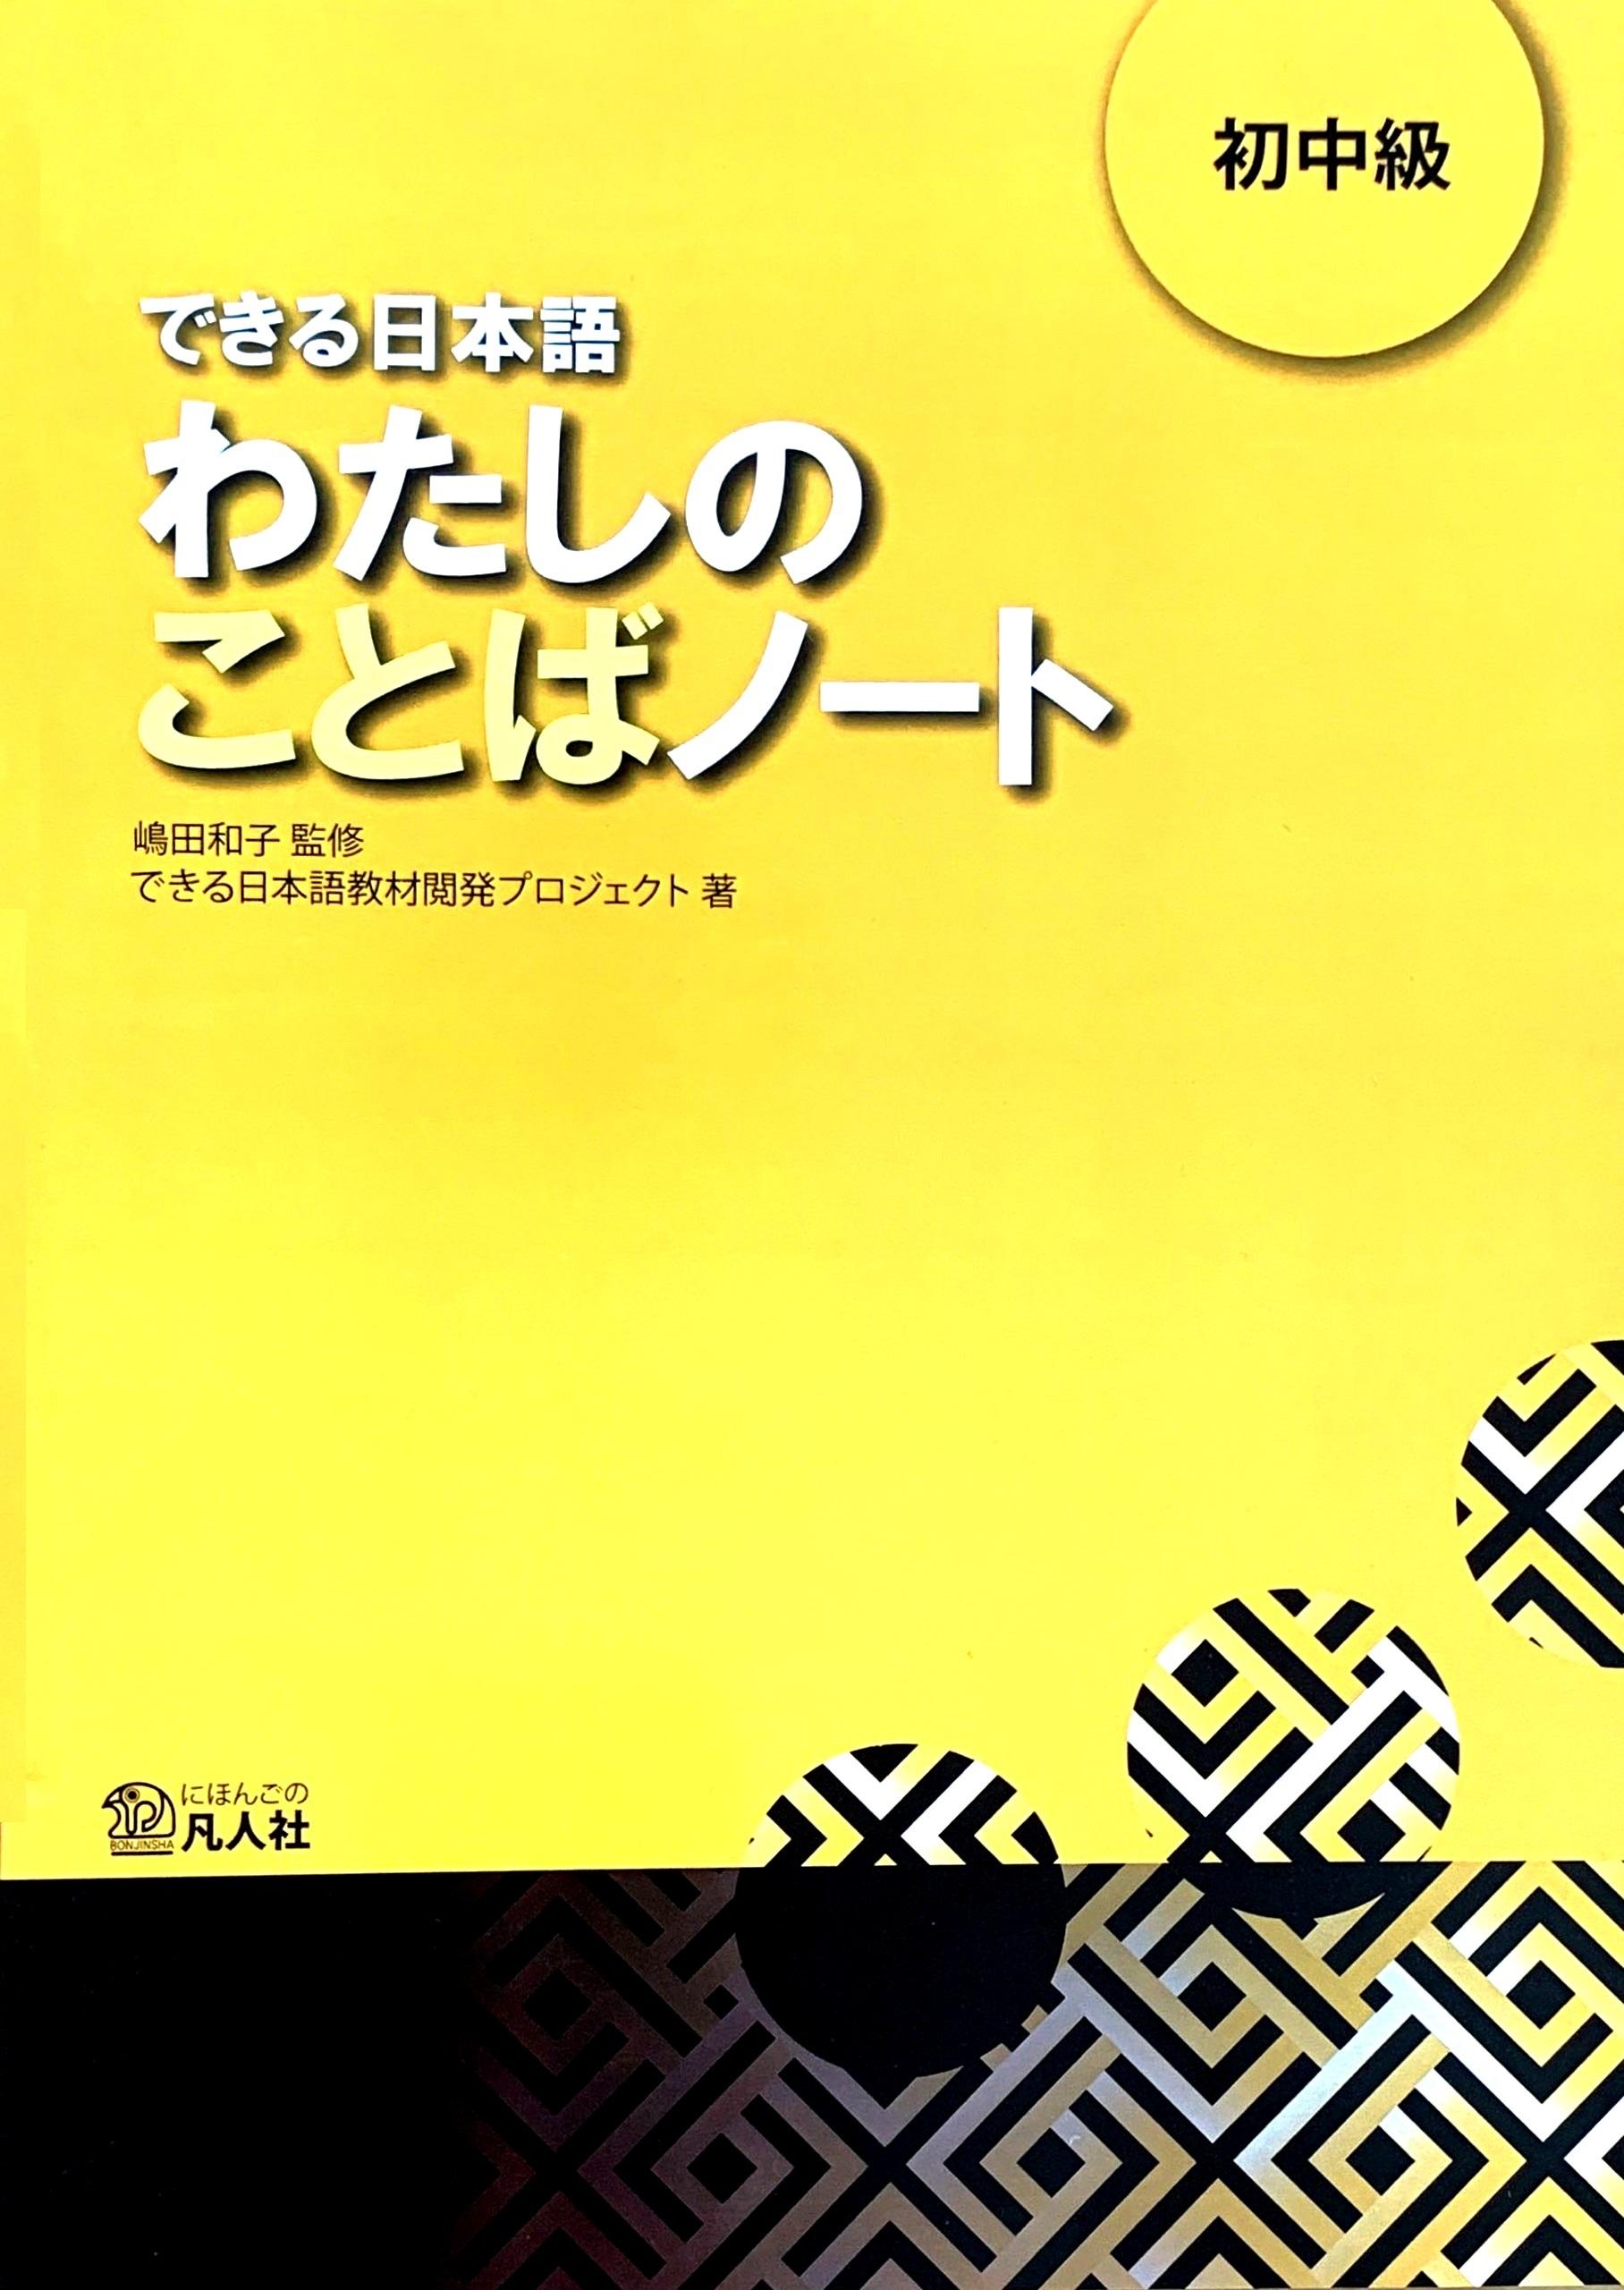 Lifestyle designGiáo Trình Tiếng Nhật Dekiru Nihongo Sơ Trung Cấp Kotoba Noto (Bài Tập Từ Vựng)